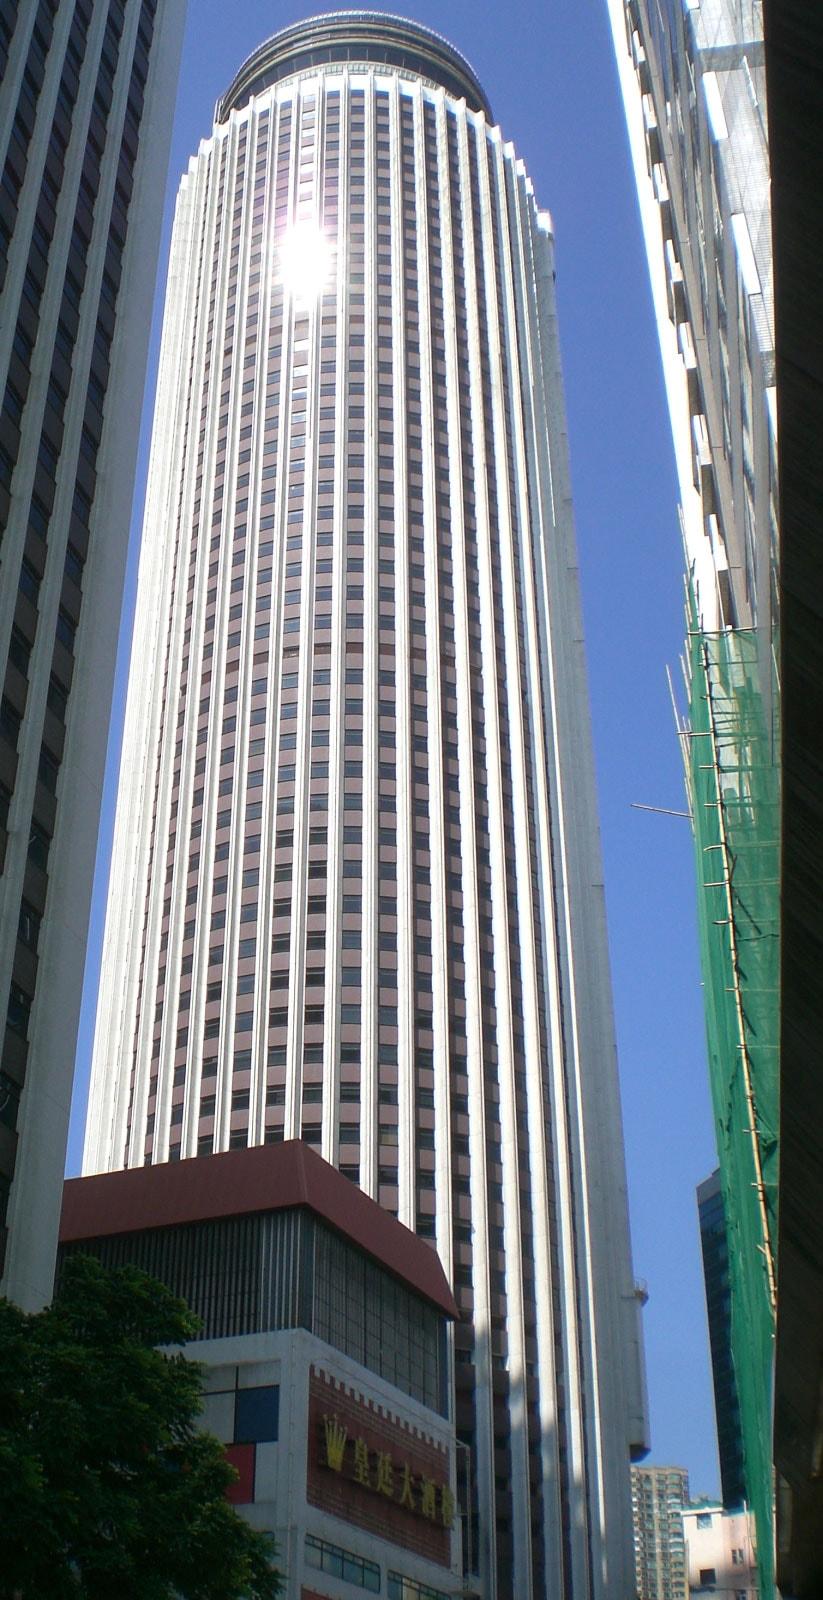 Hopewell Centre Hong Kong Skyscraper